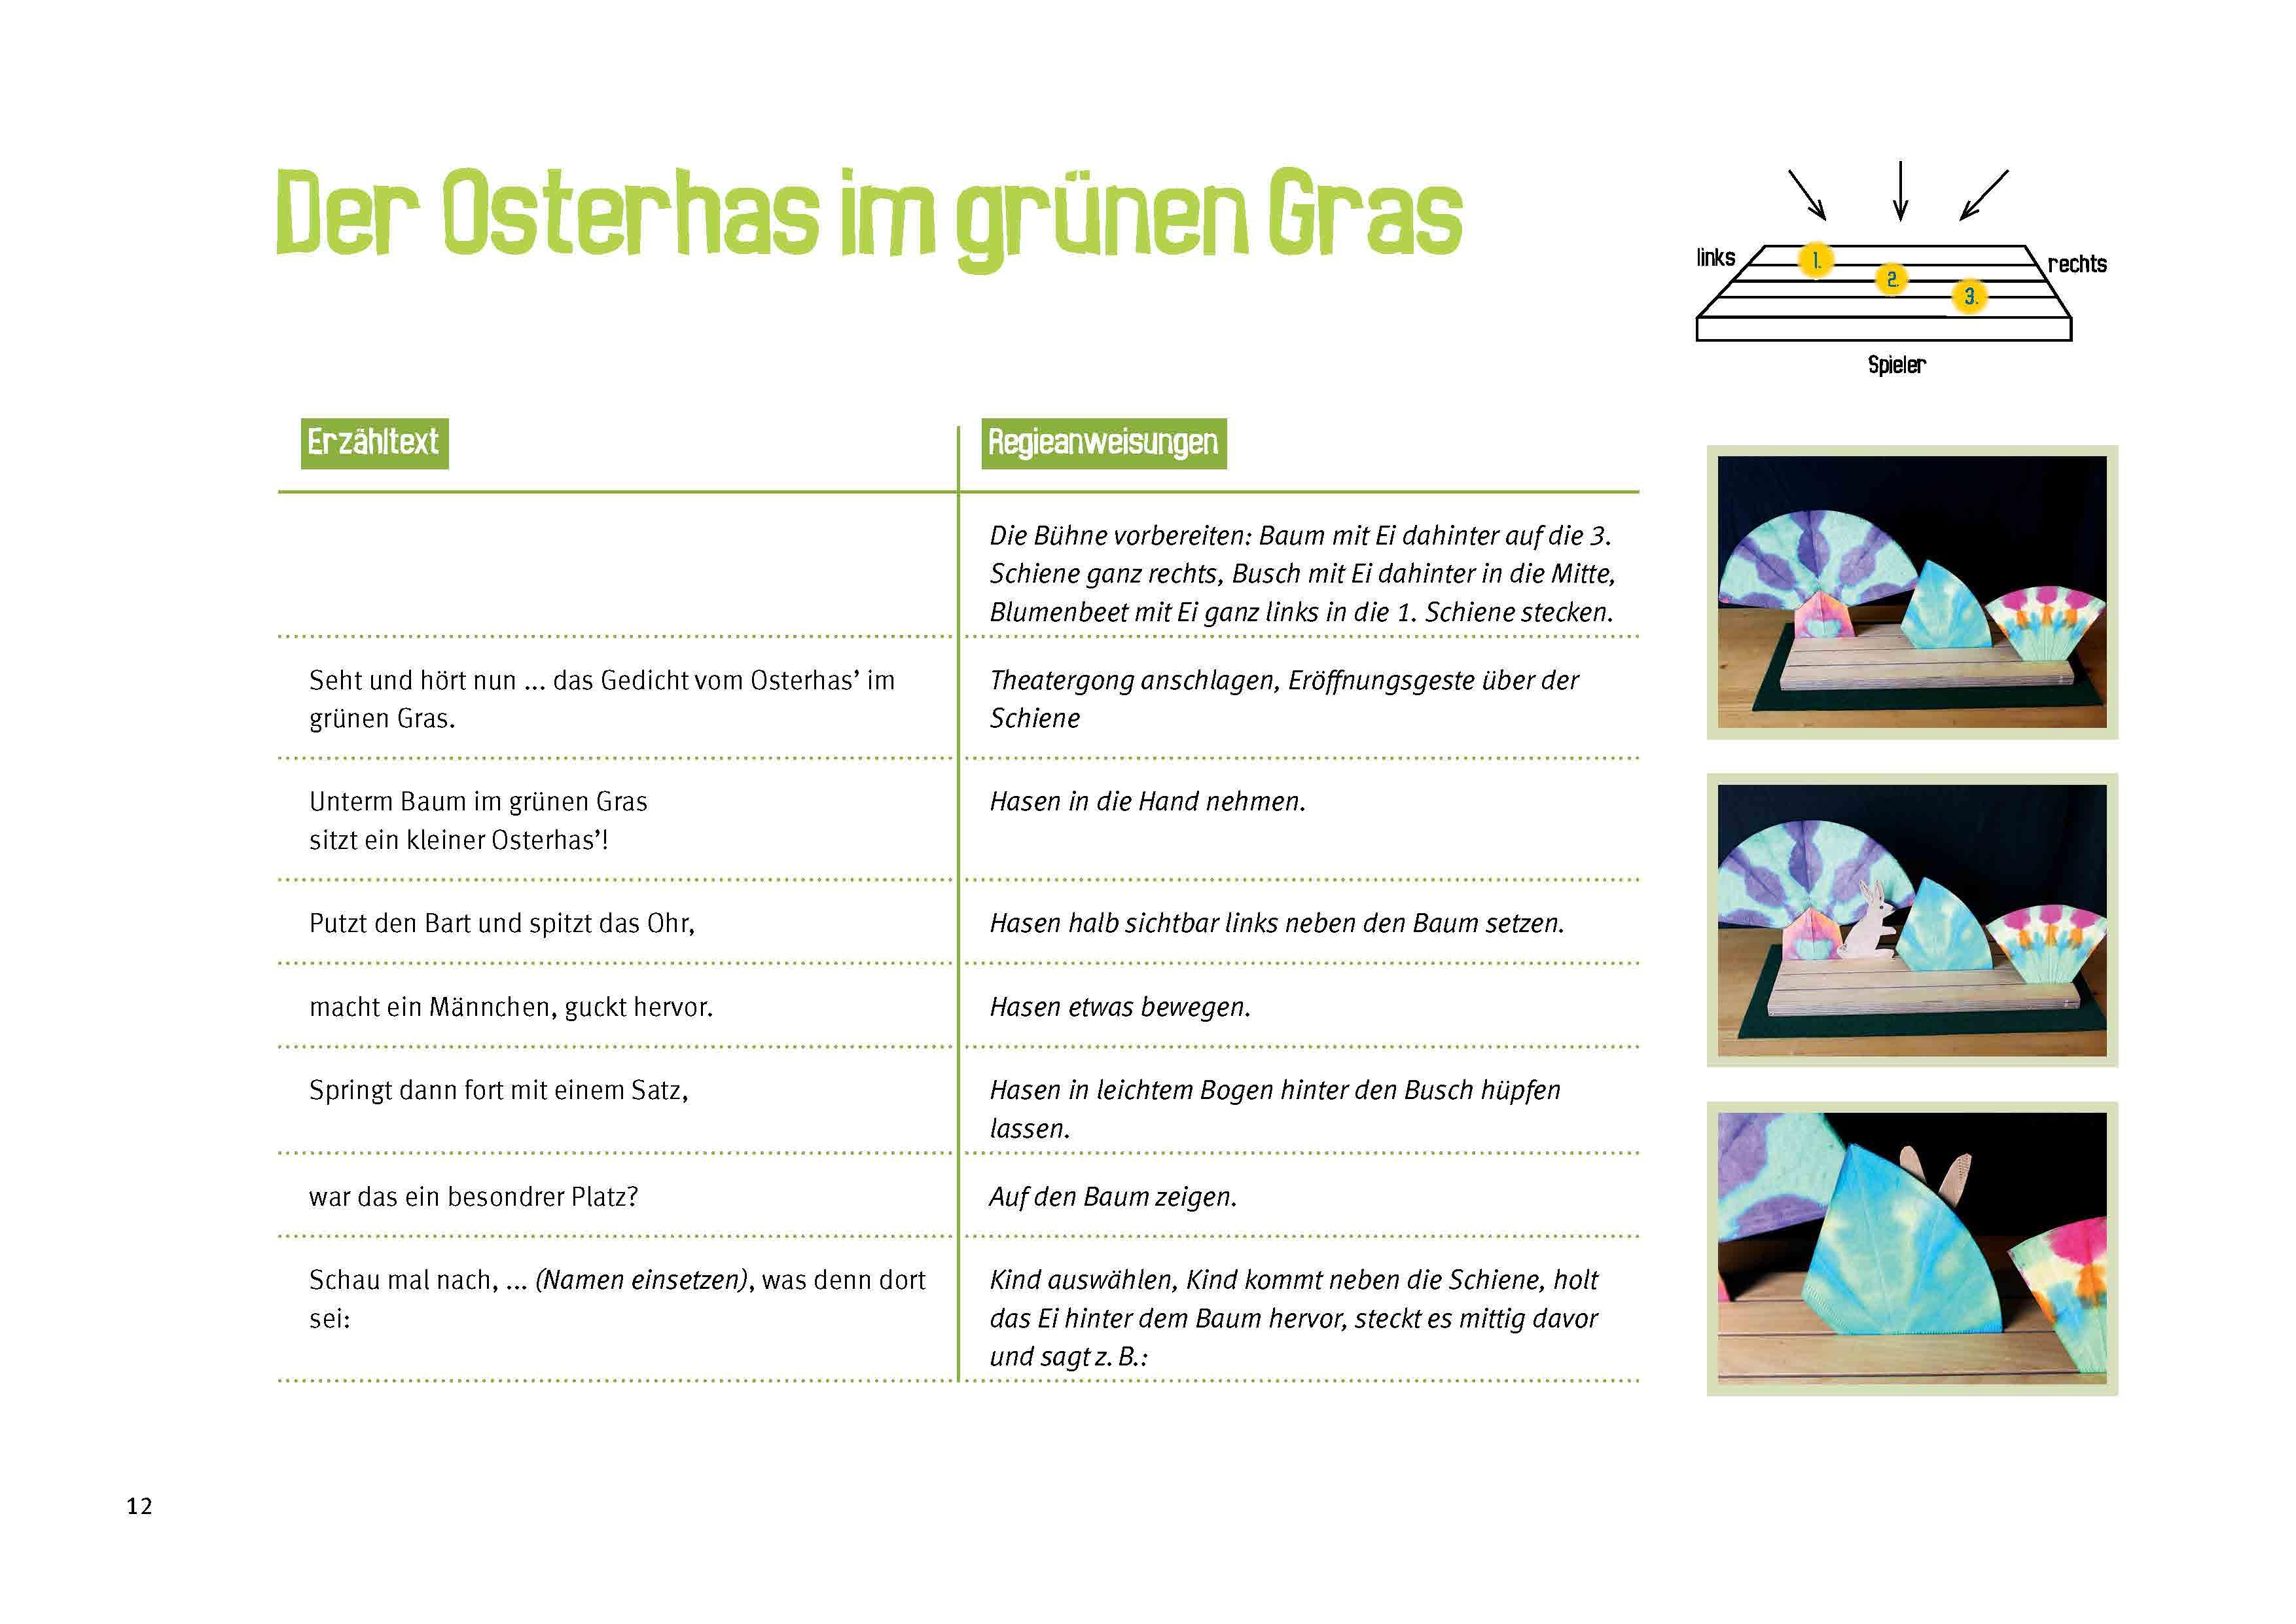 Innenansicht zu Der Osterhas im grünen Gras.